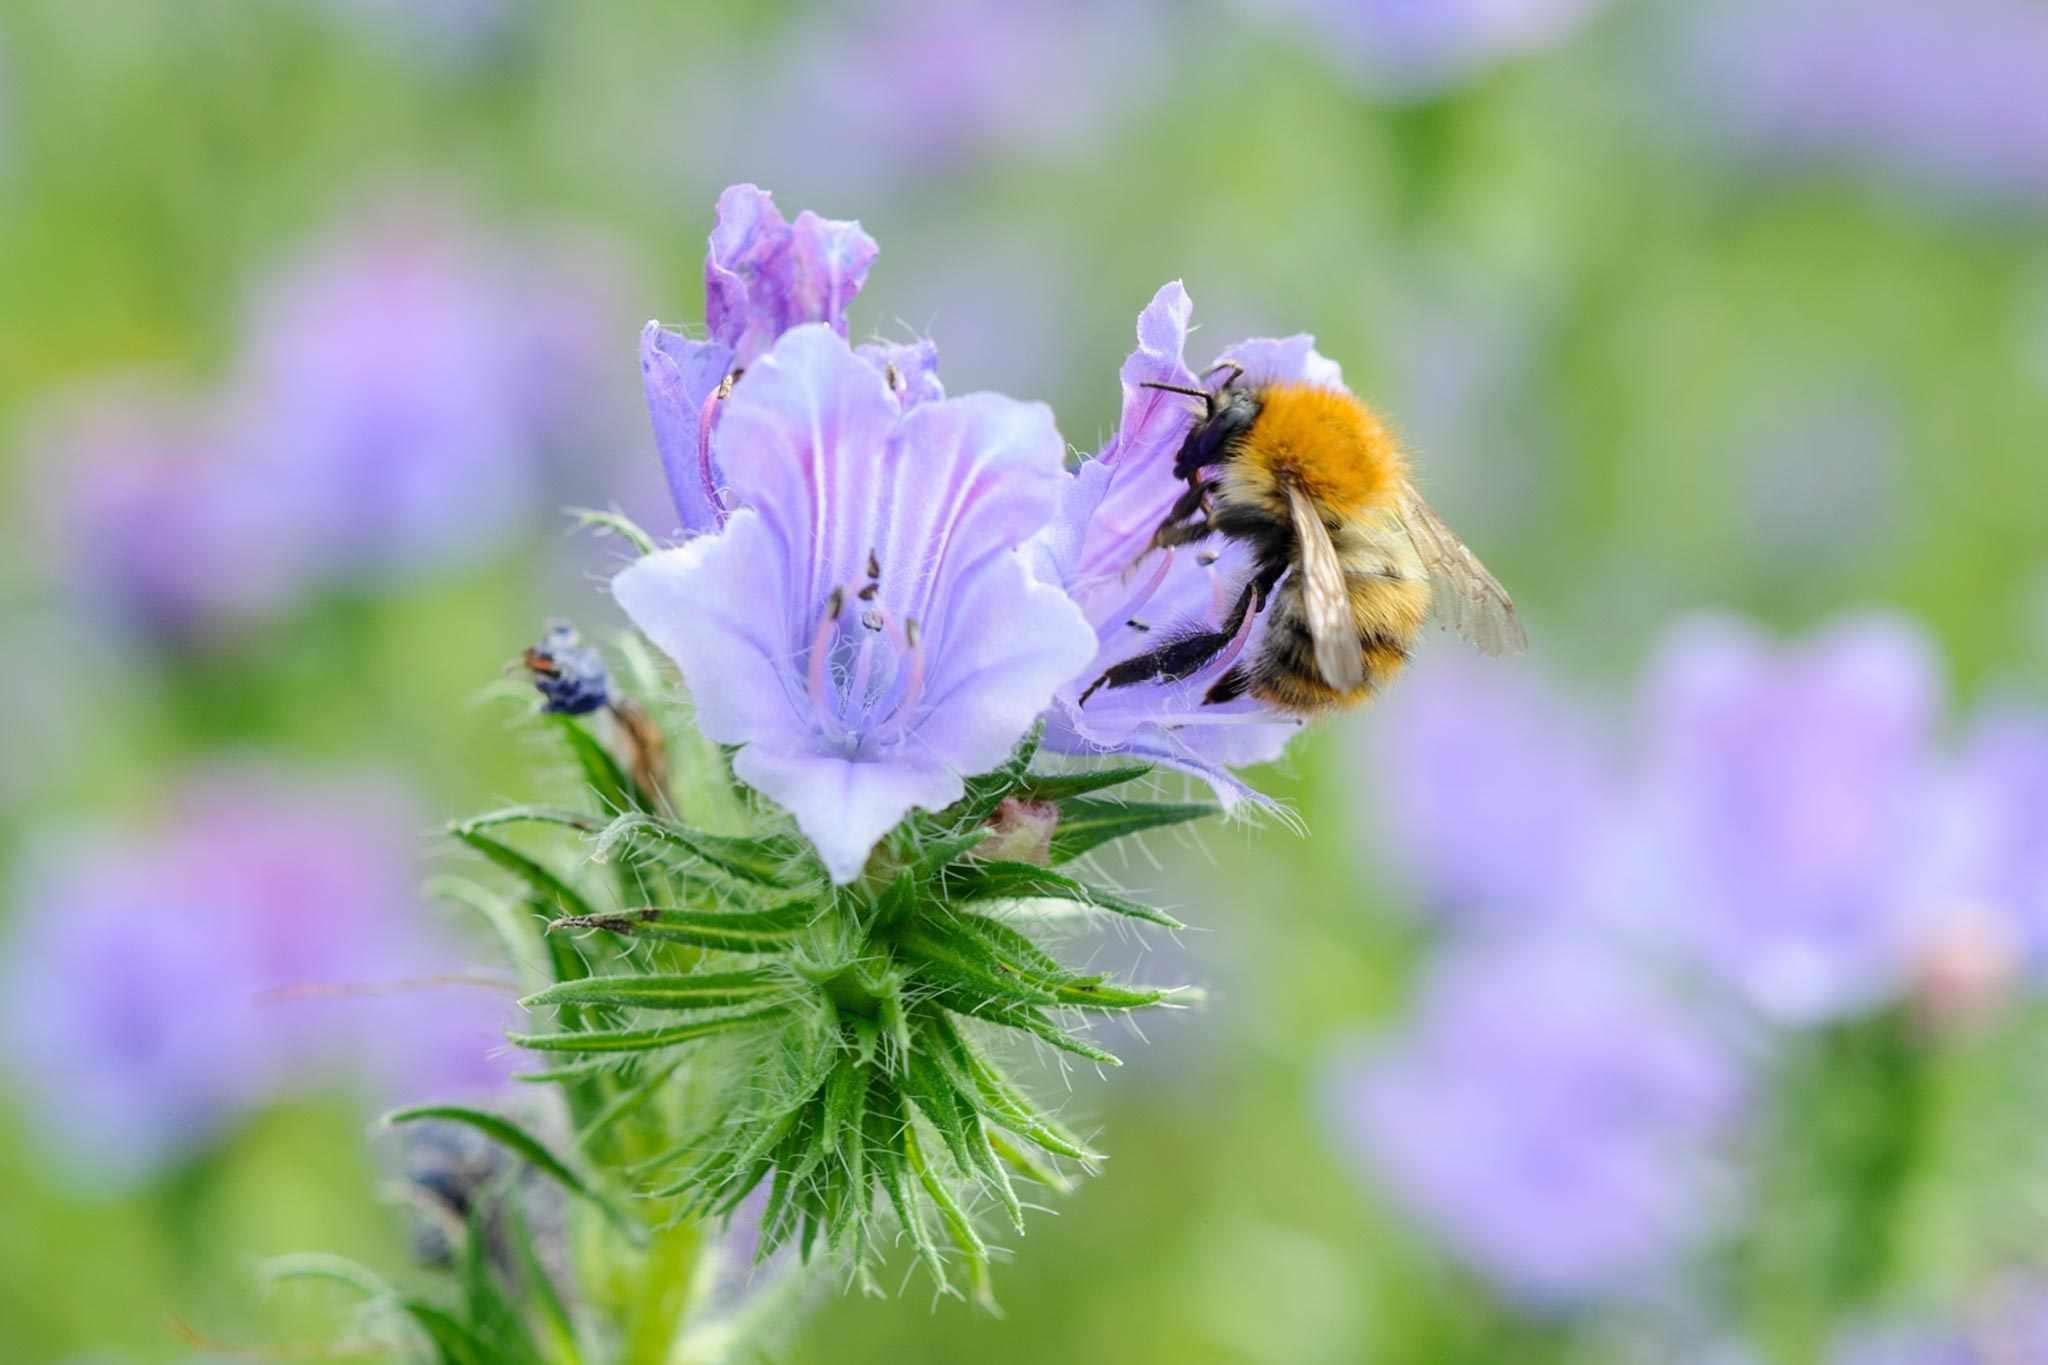 Common carder bumblebee, Bombus pascuorum